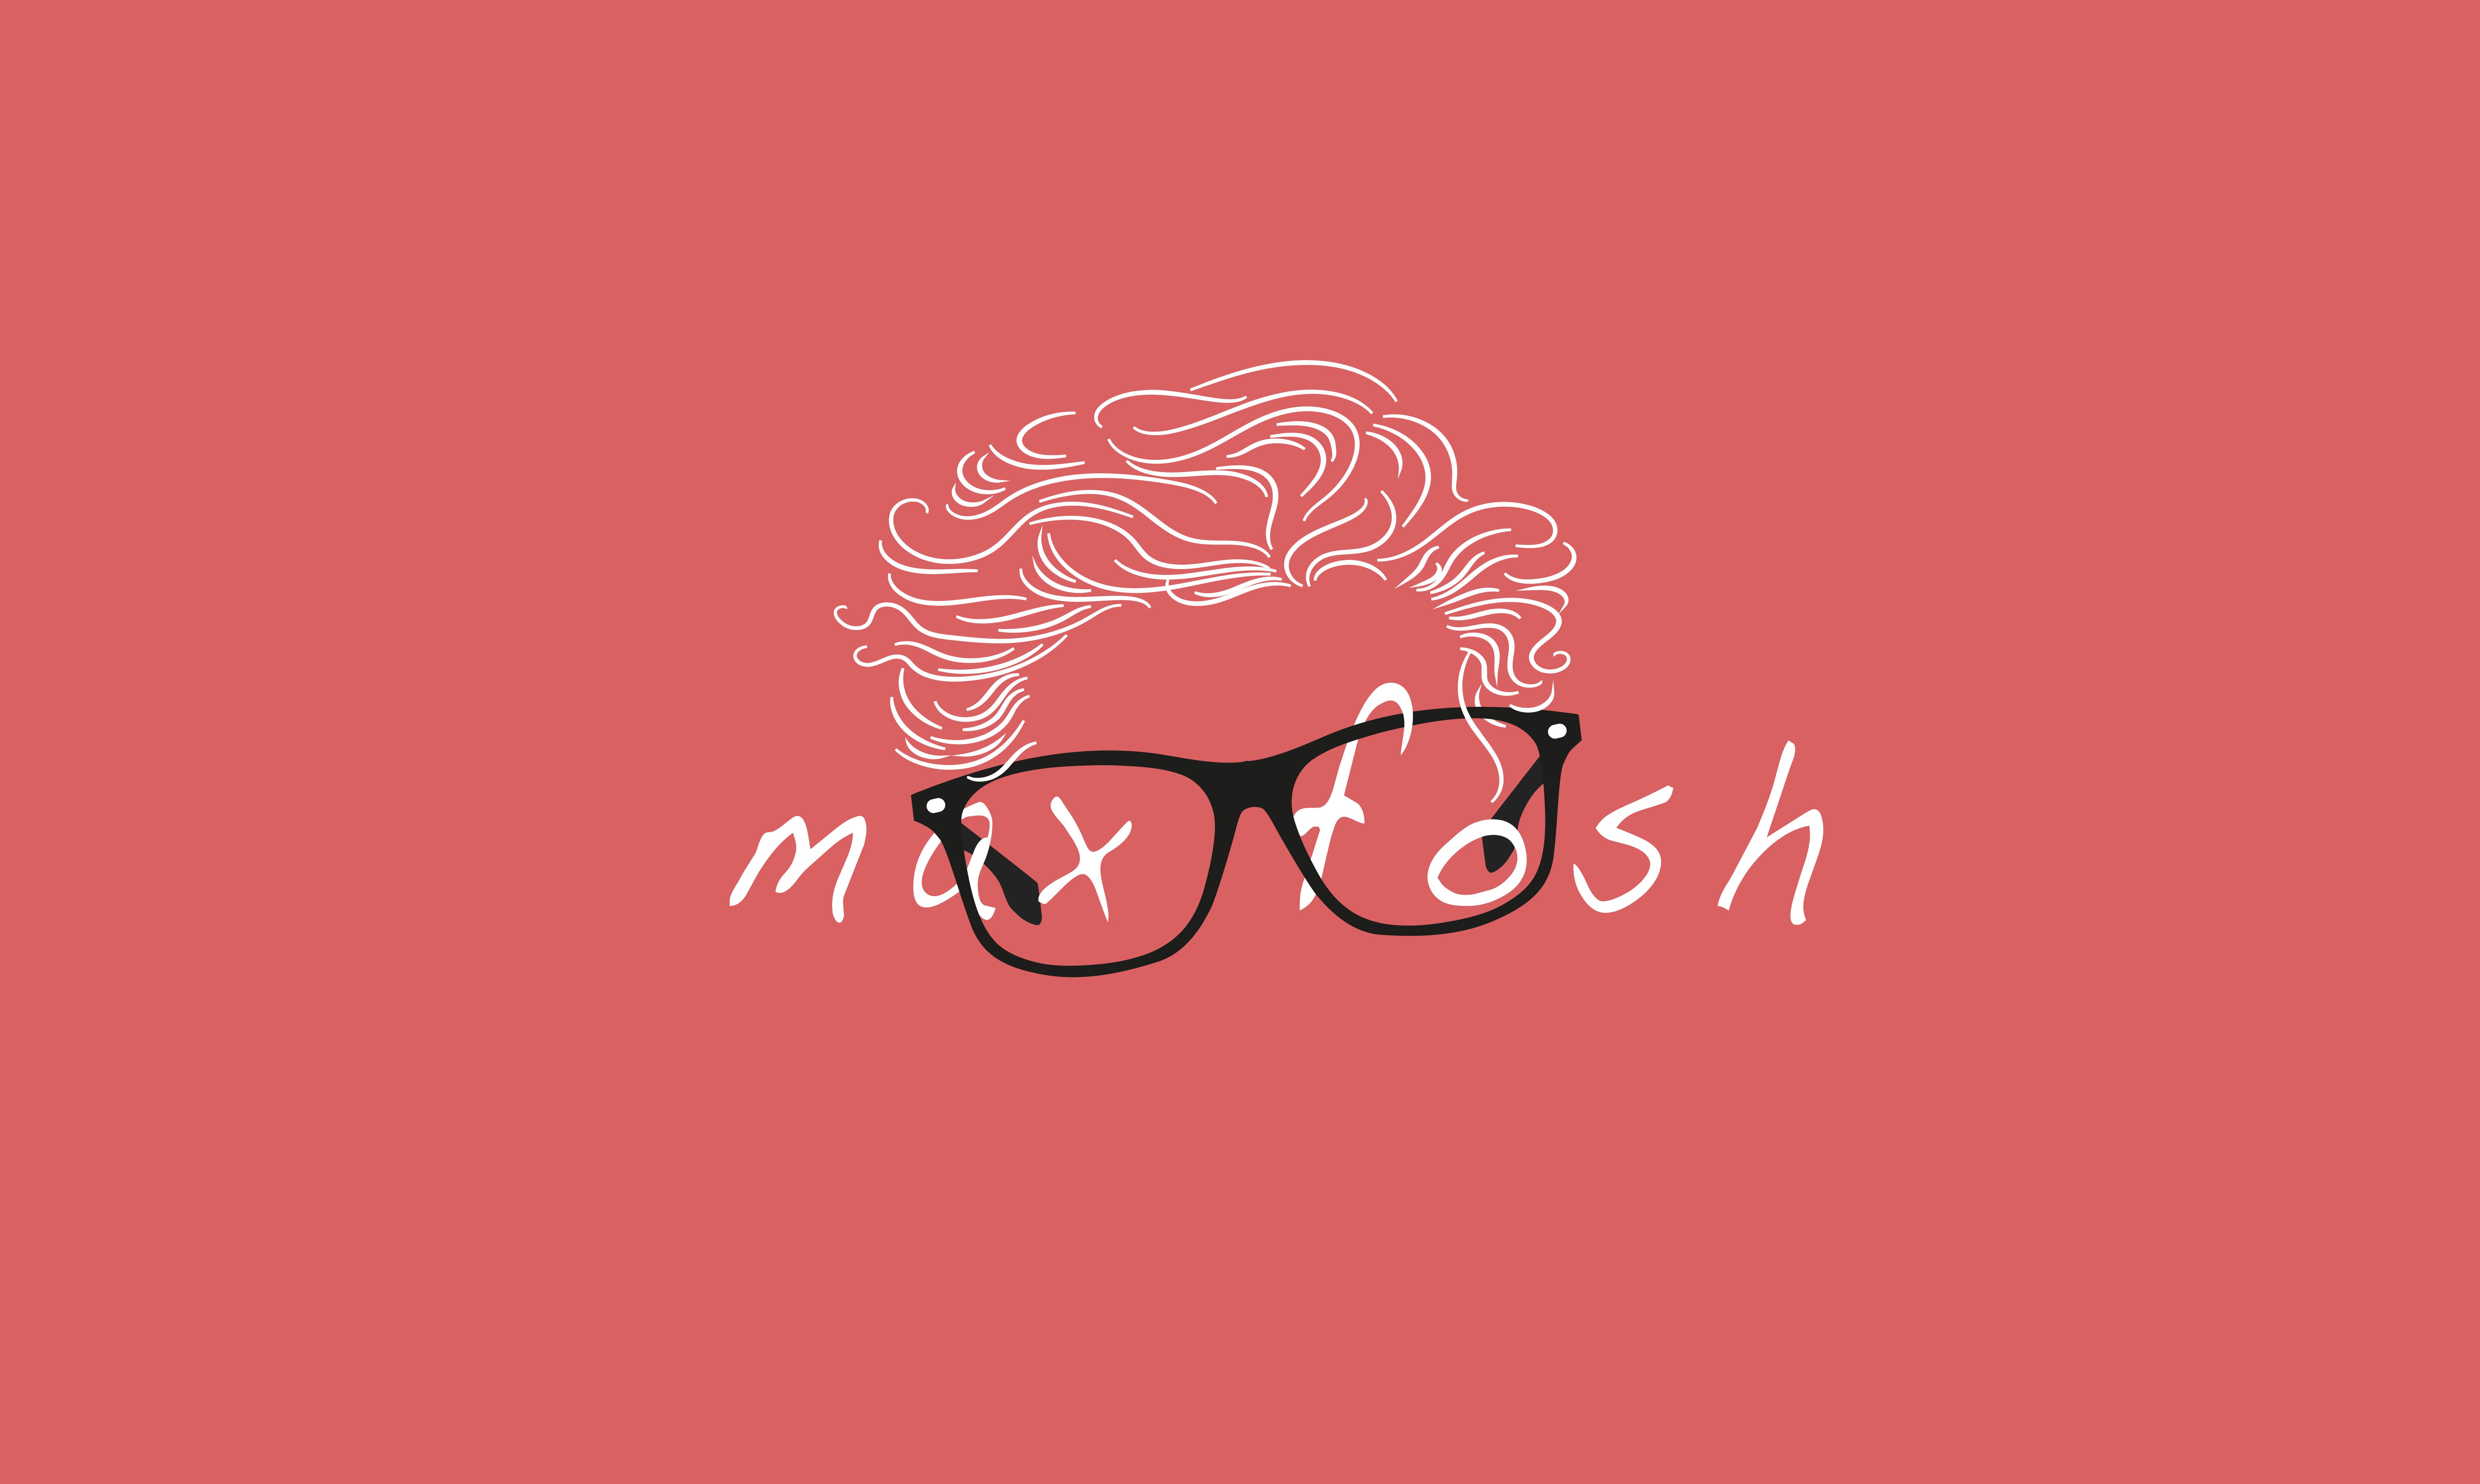 Max Fosh